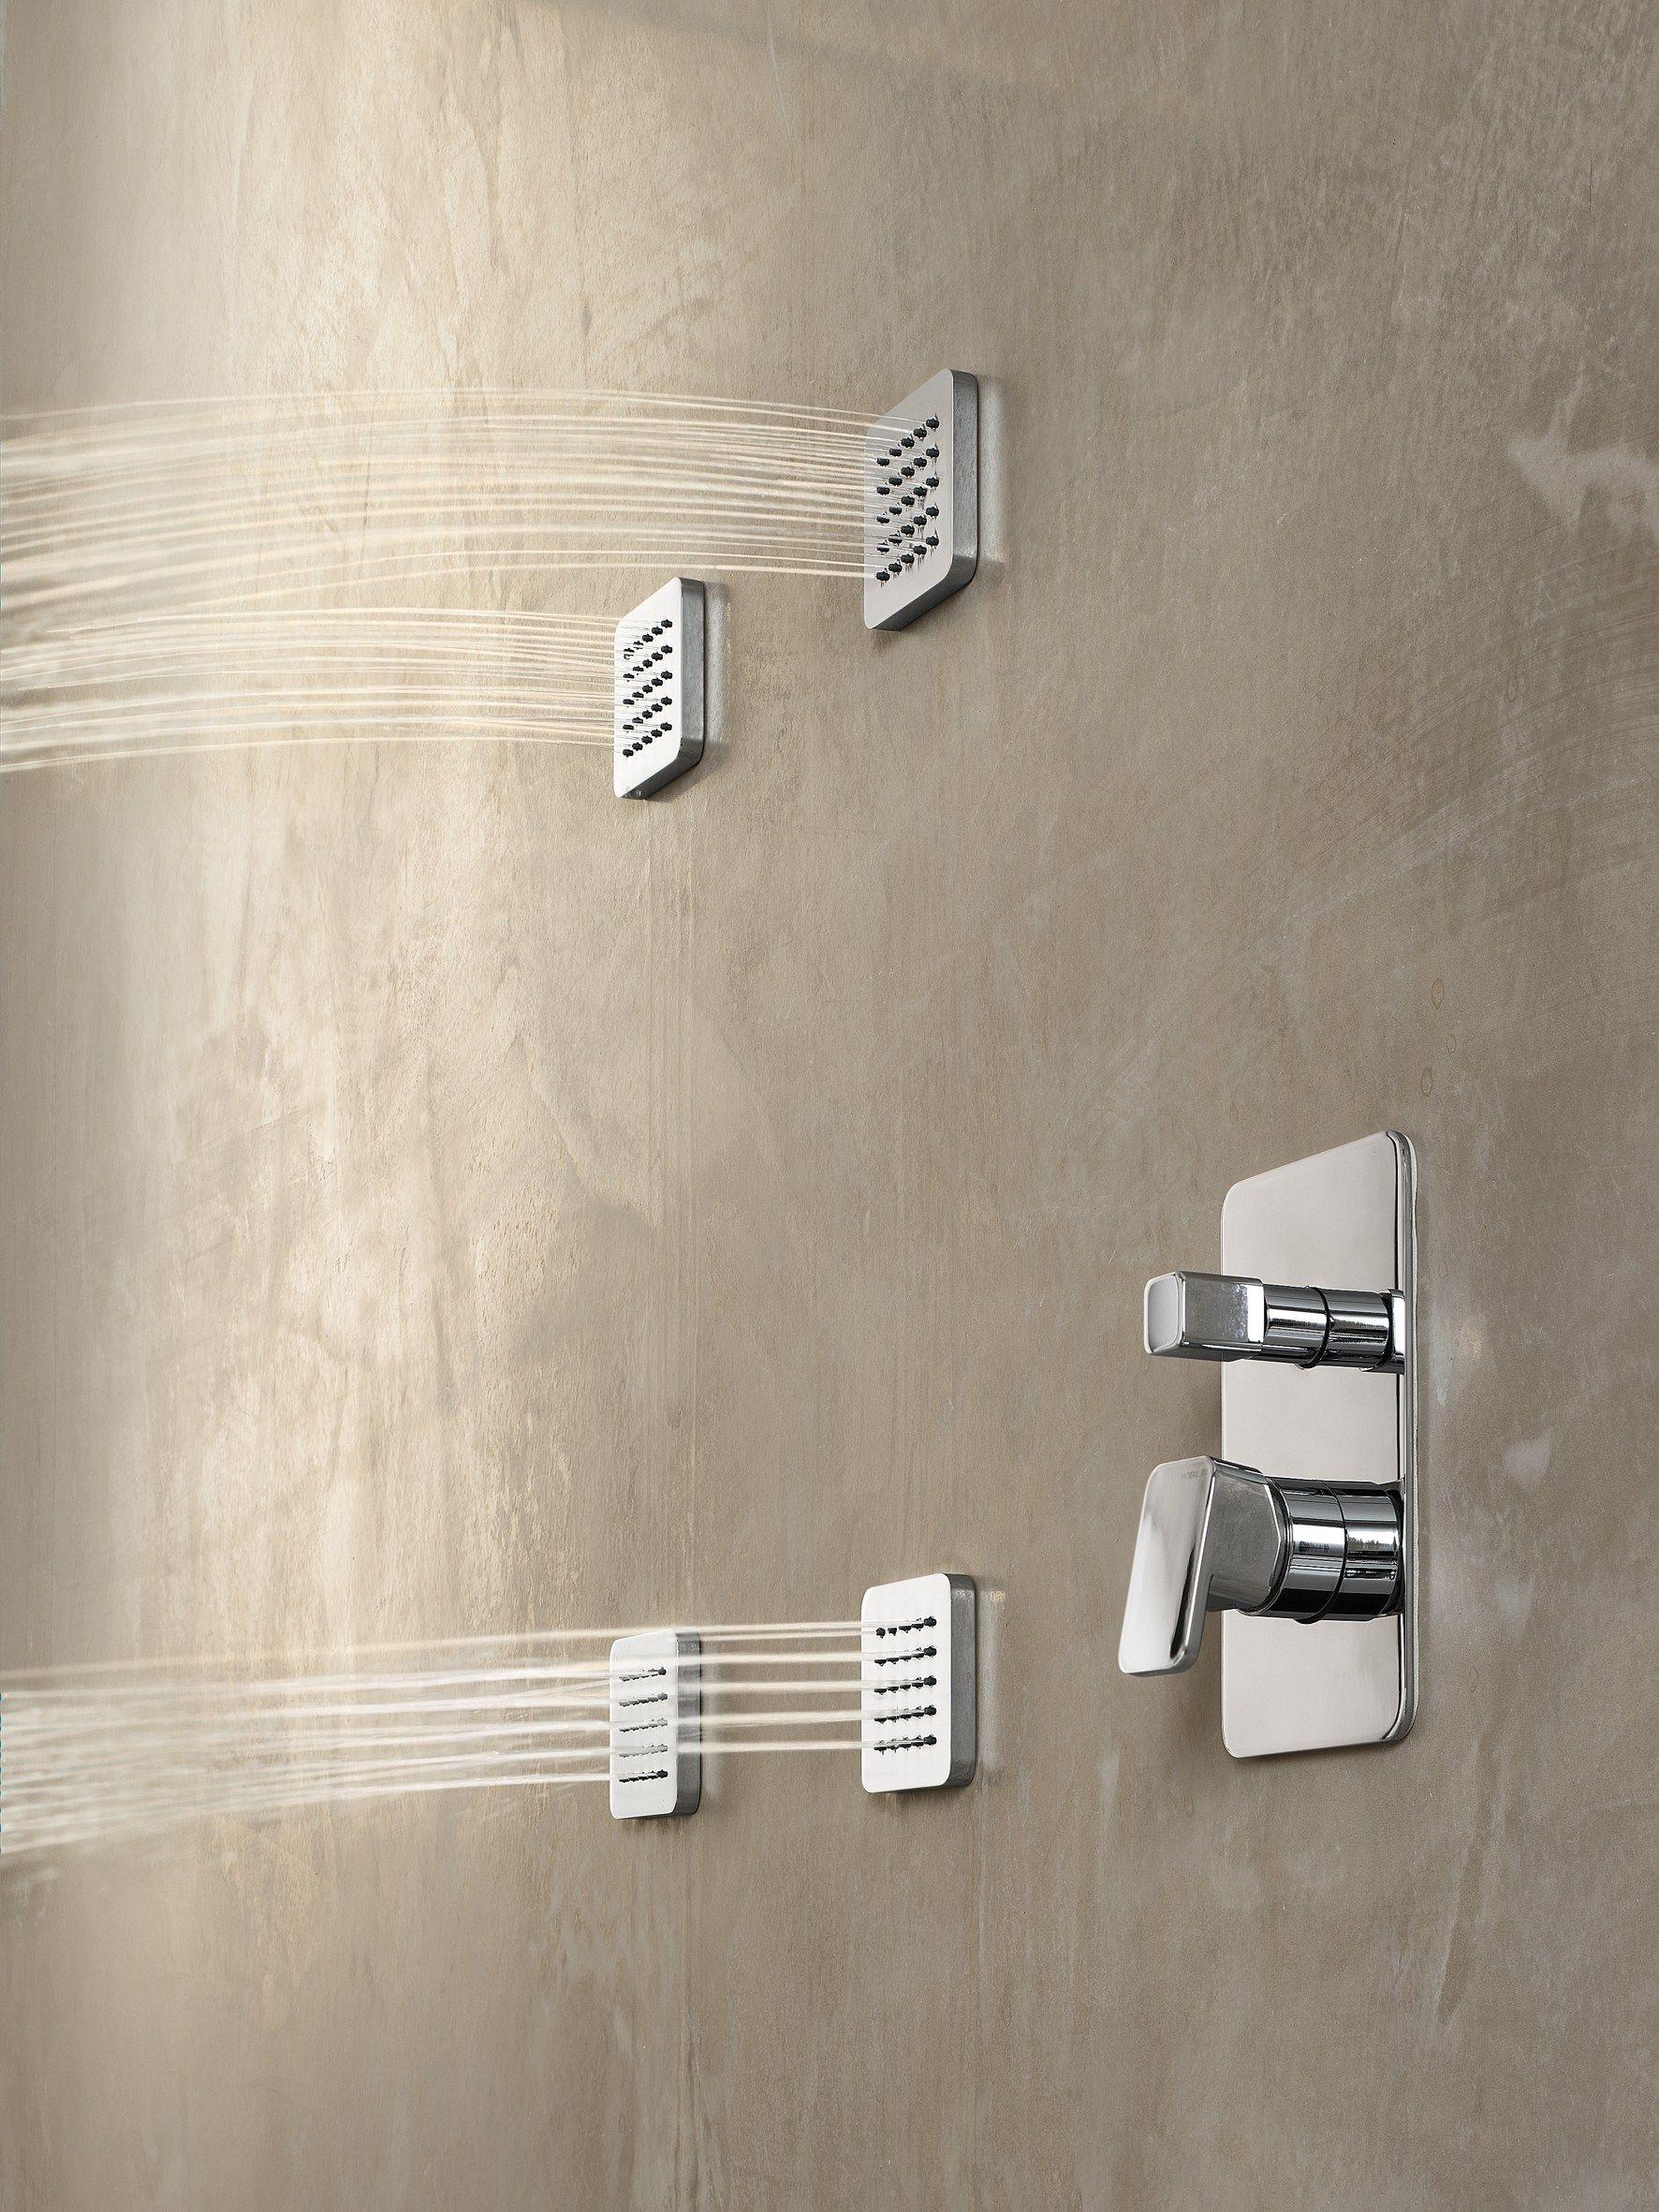 Soffione laterale a muro cromato collezione free shower by - Nobili rubinetterie bagno ...